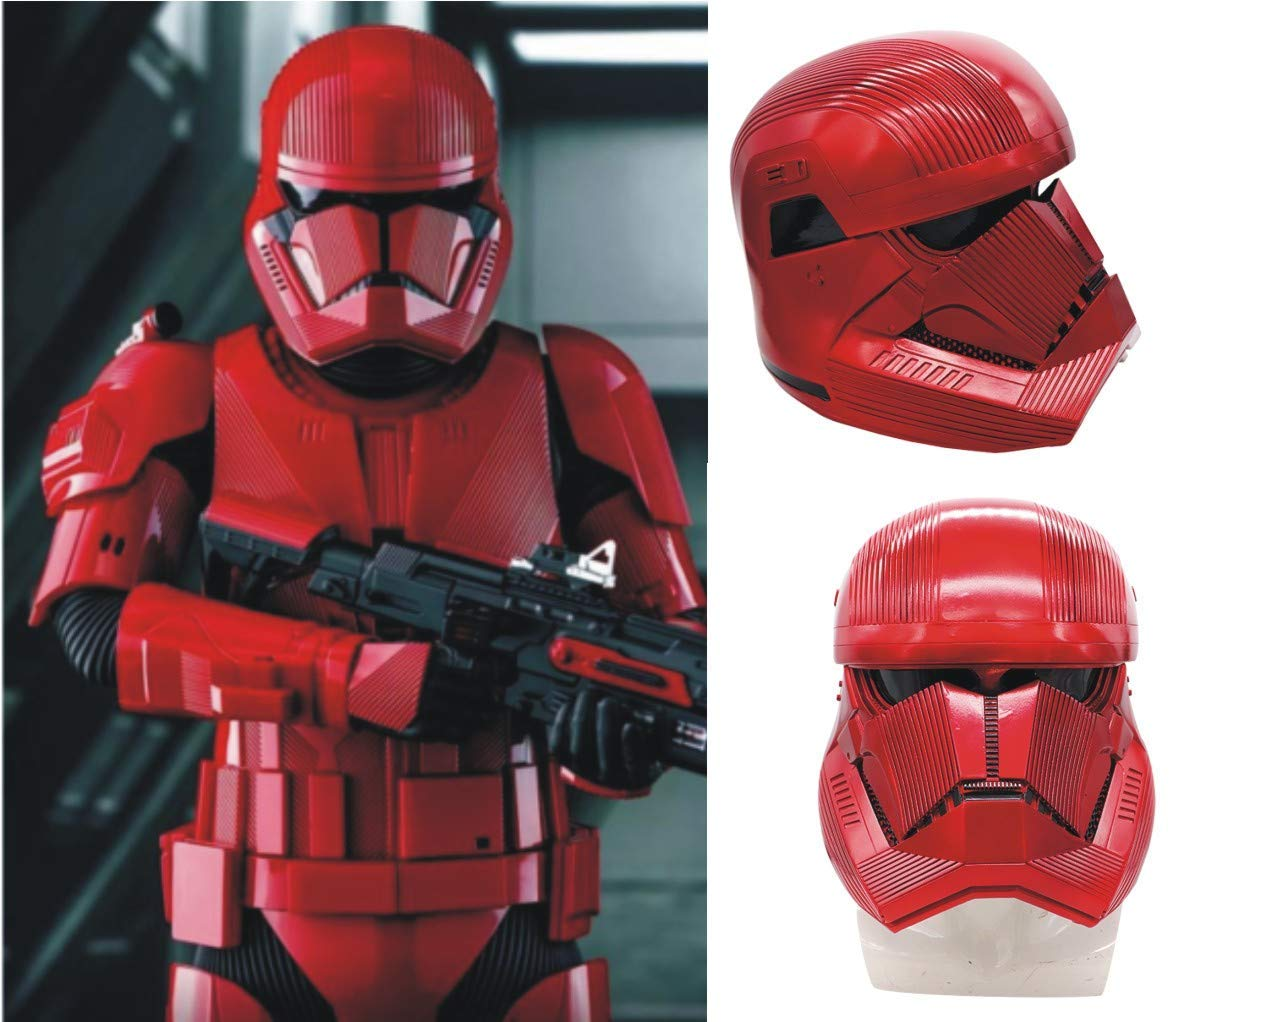 Yaad Star Wars Toy Sith Cavalry Helmet Red Commando Electronic Voice Changer Cubierta Completa Accesorios De Disfraces para Adultos Y Adolescentes